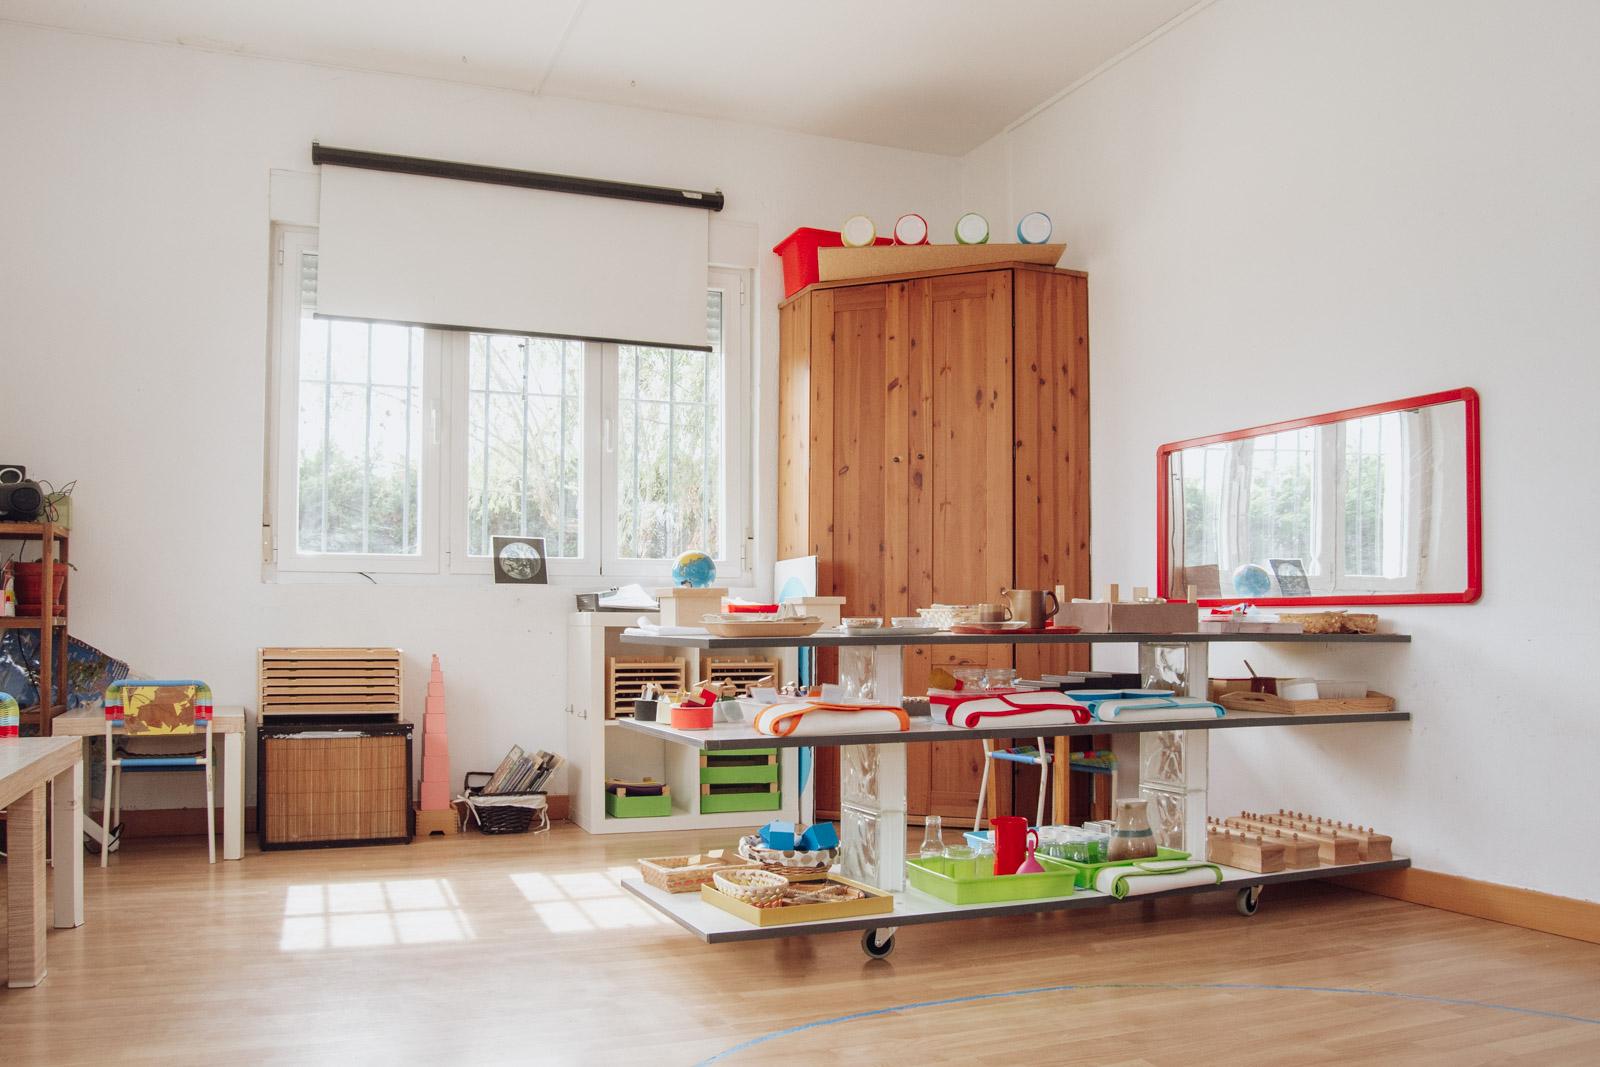 ESCUELA MAGEA, Vida Práctica Montessori